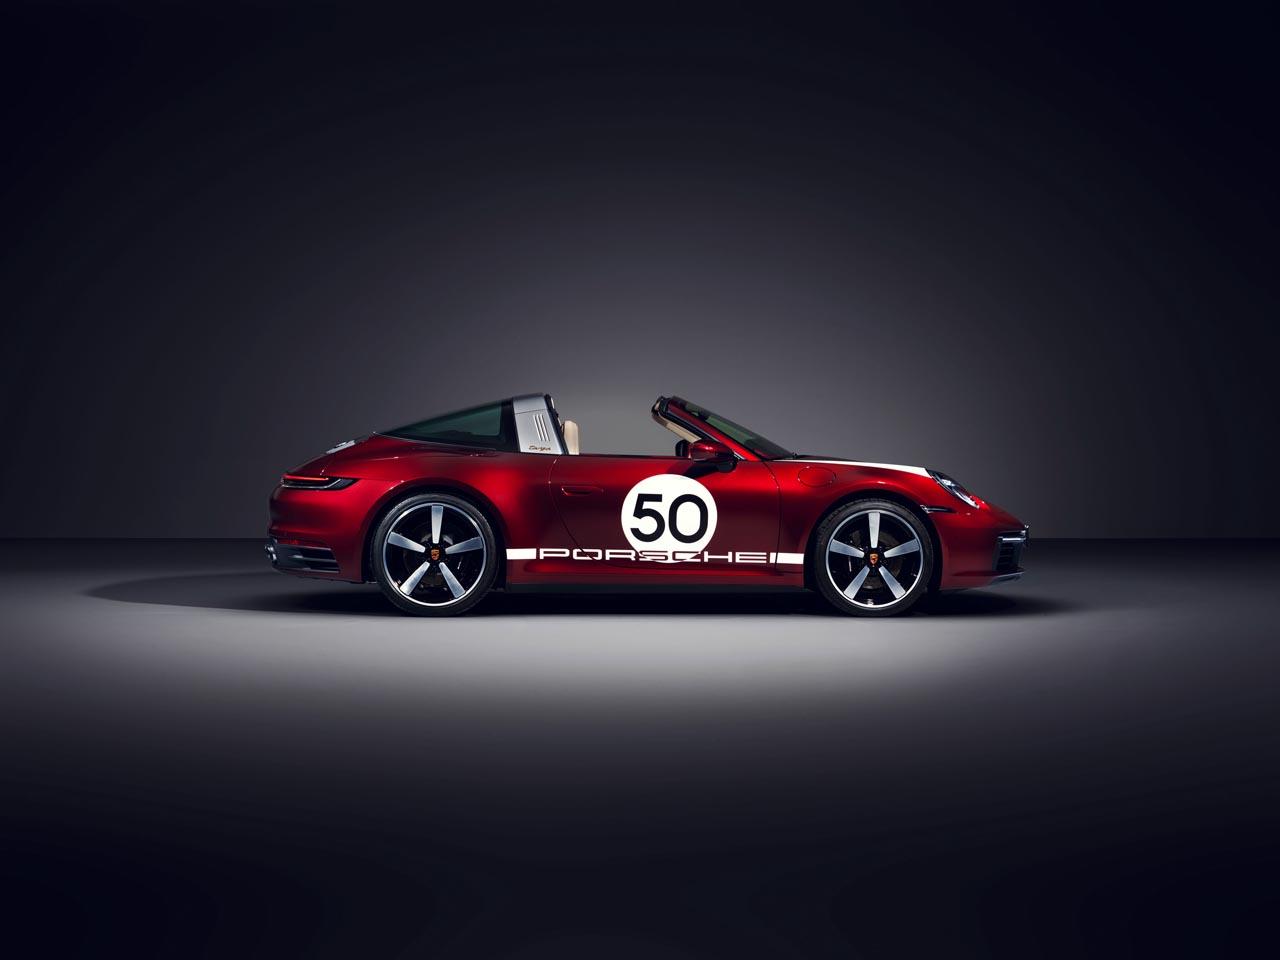 Porsche 911: Sondermodell im Sinne der Targa-Tradition